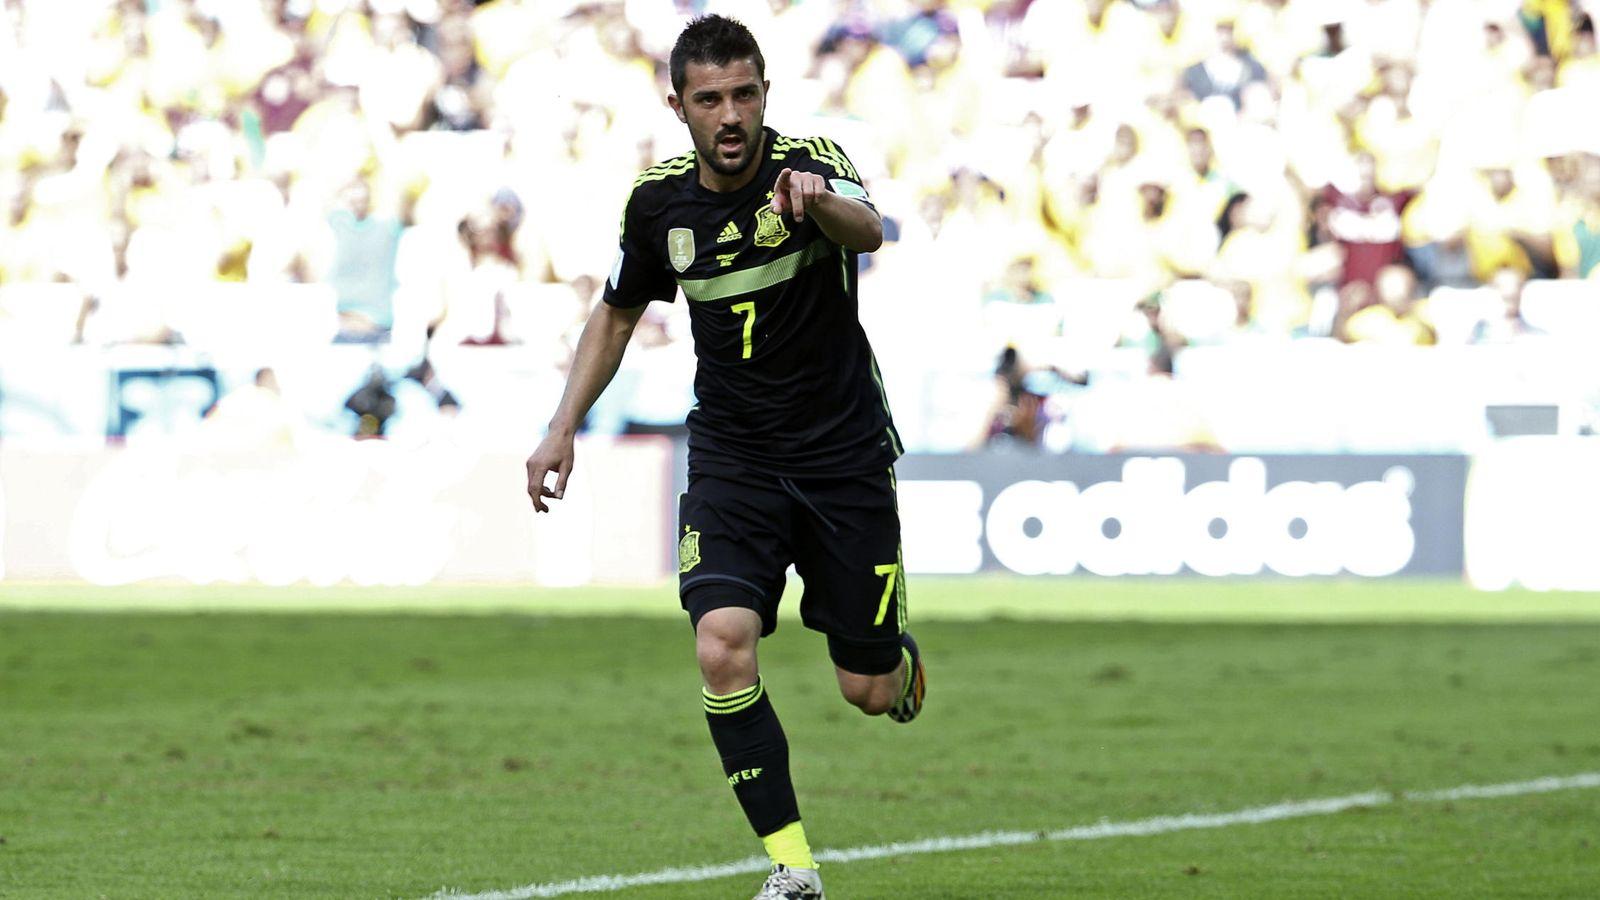 Foto: Villa jugó su último partido con la selección el 23 de junio de 2014. Marcó el primer gol en la victoria por 3-0 ante Australia en el Mundial de Brasil. (EFE)